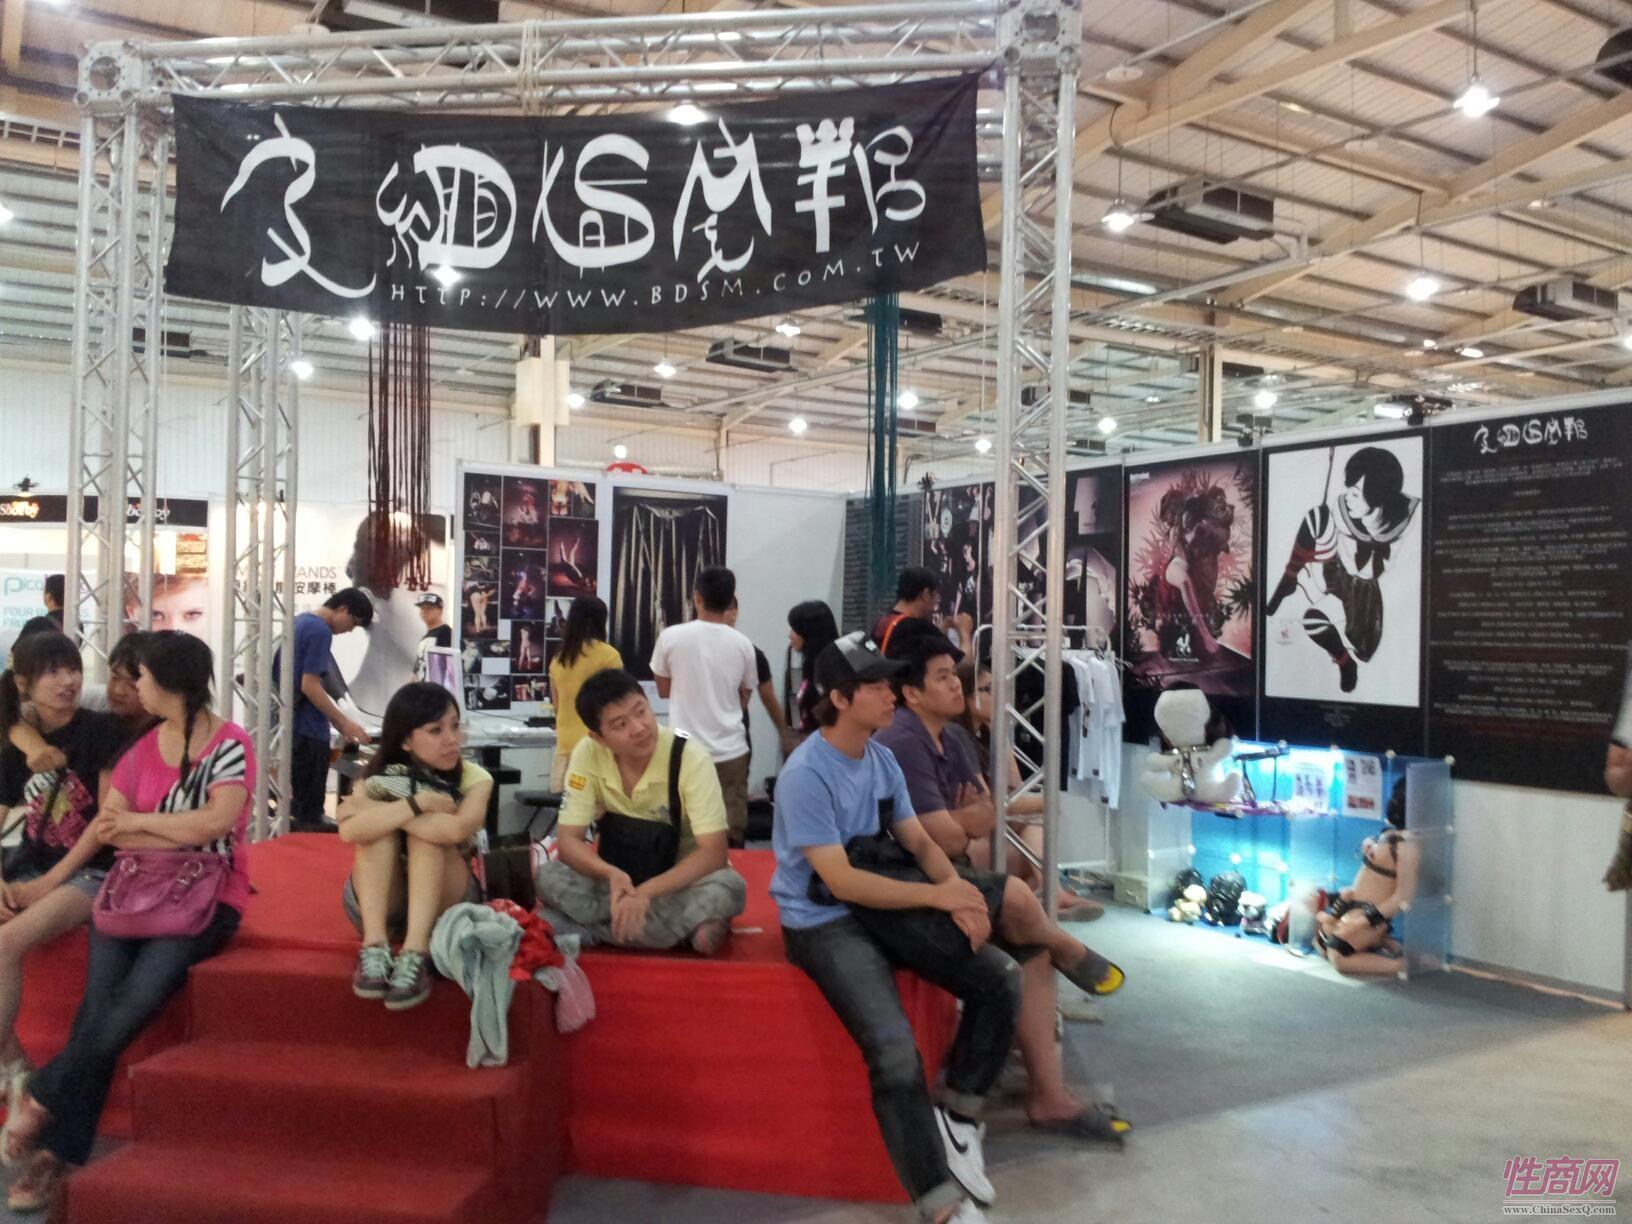 亚洲成人博览进入台湾瞄准宝岛性用品市场图片25